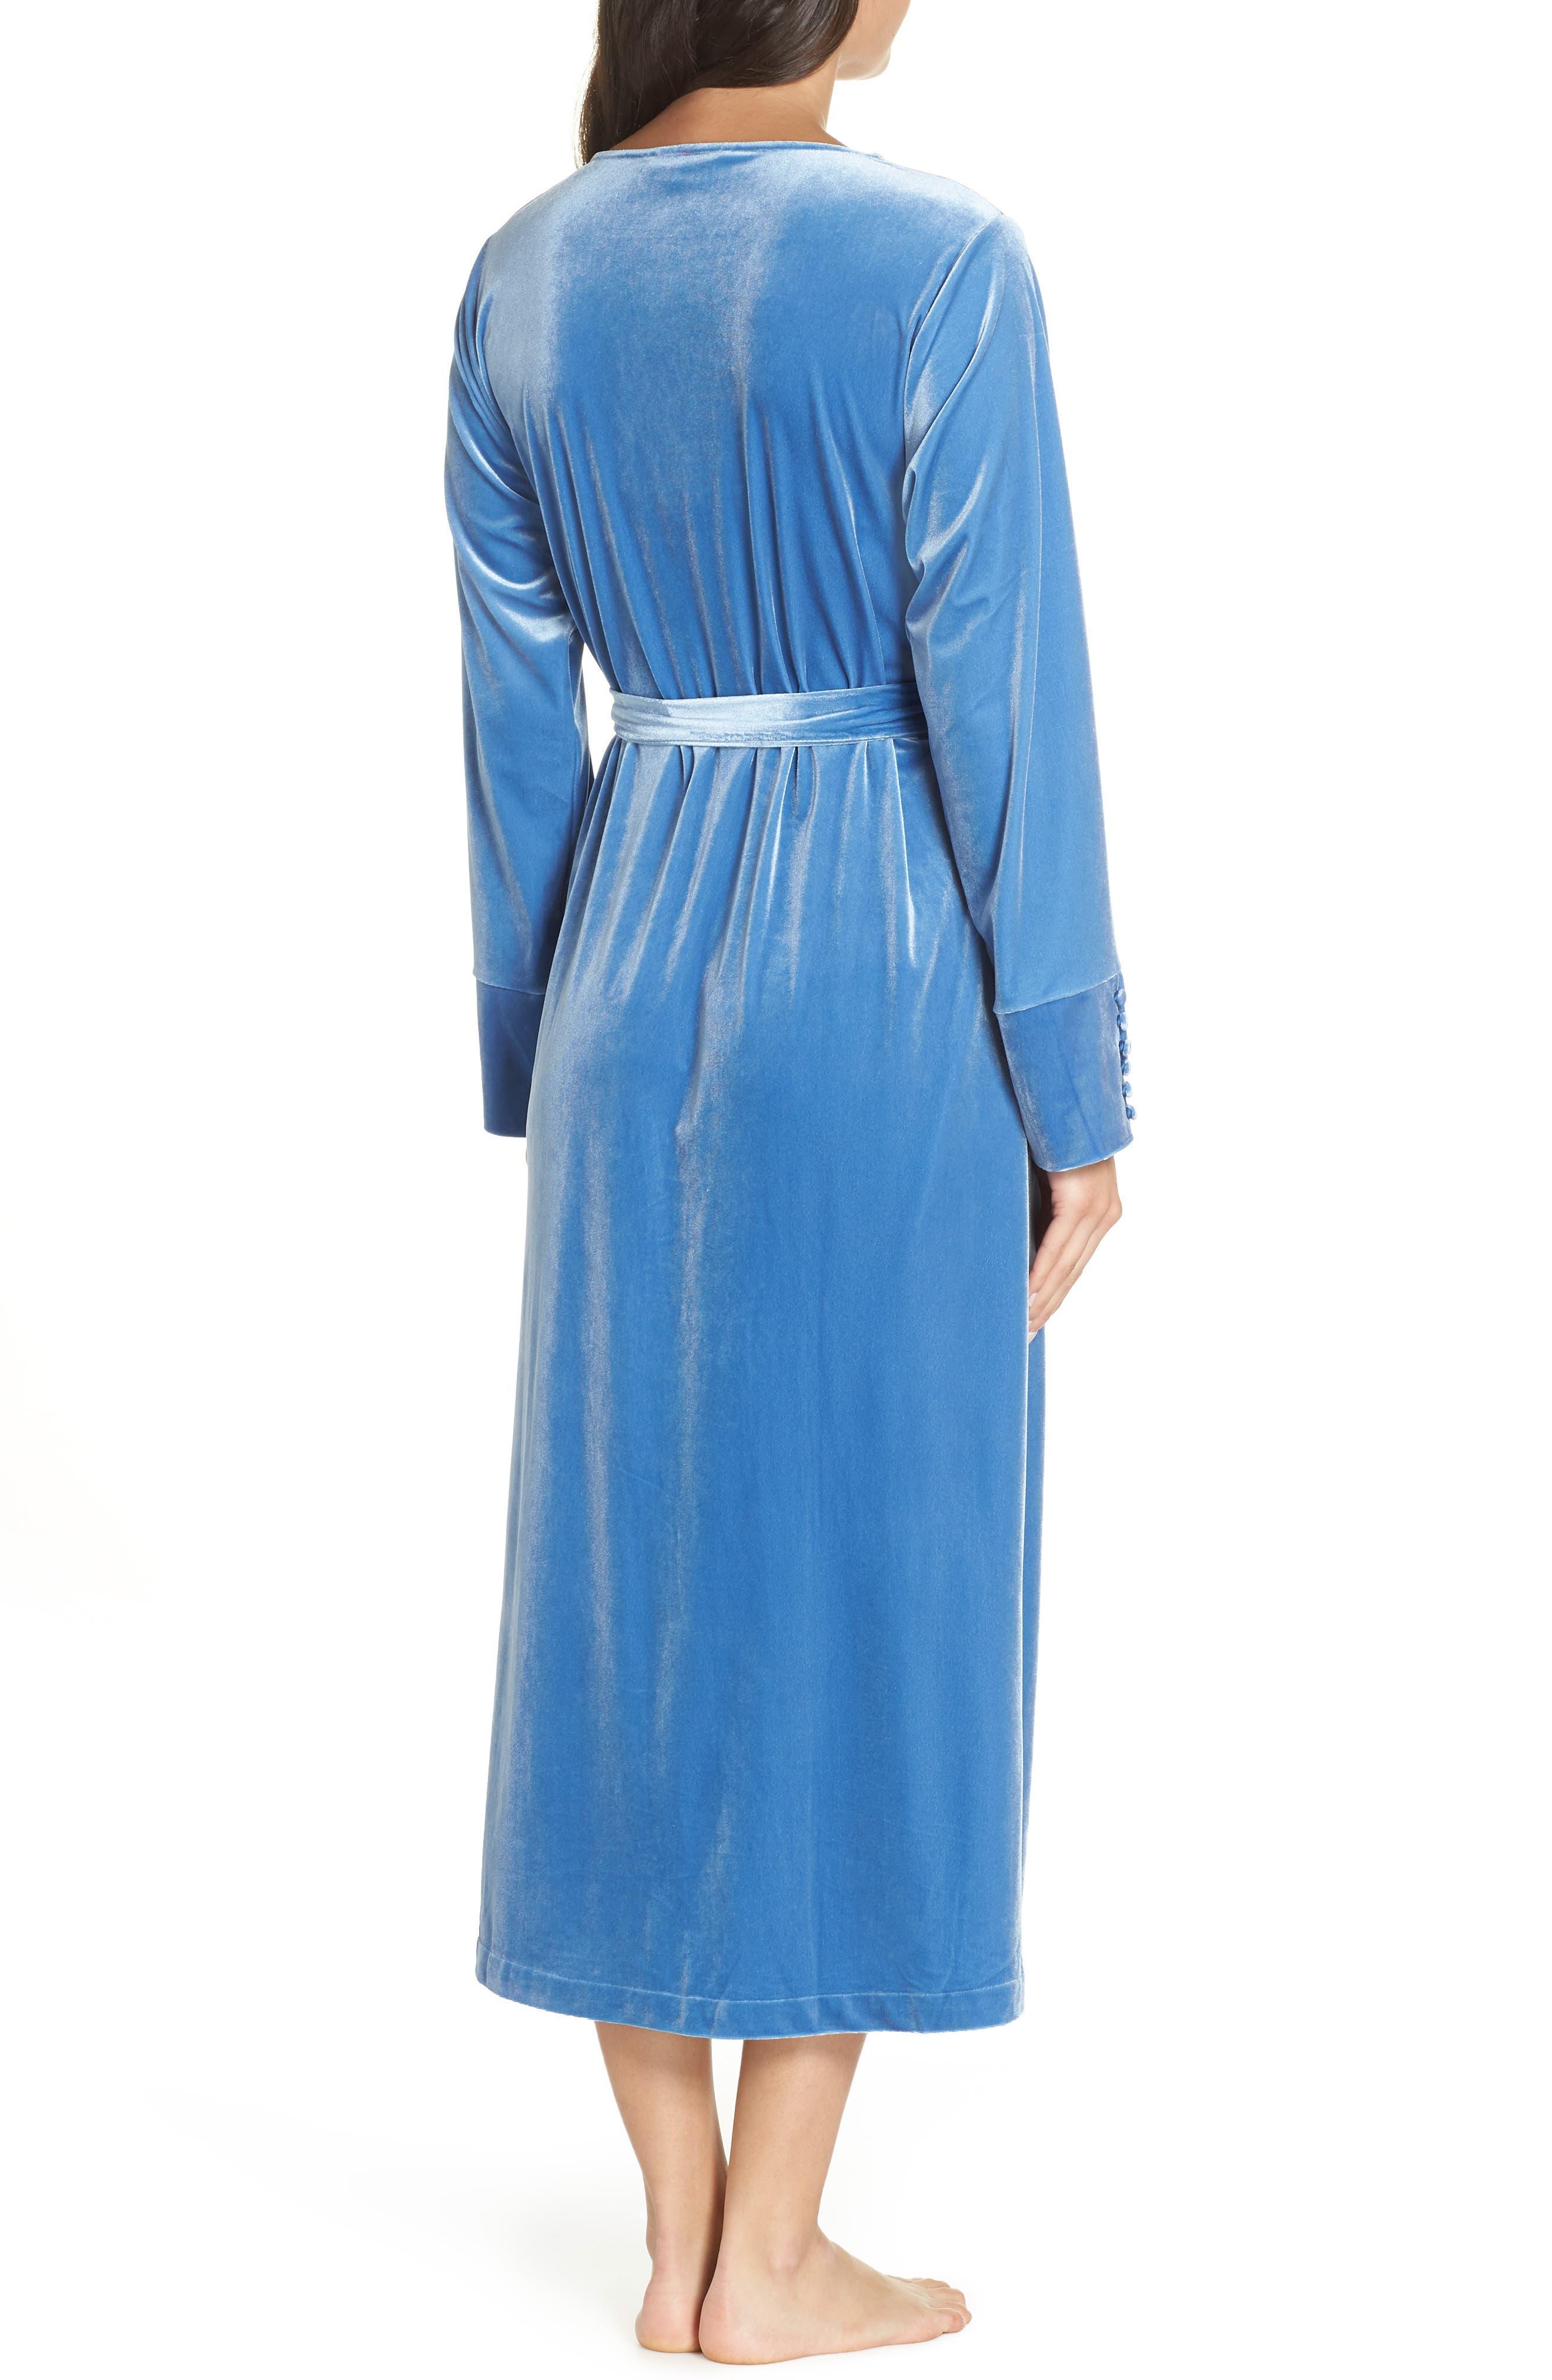 Dream Away Velour Robe,                             Alternate thumbnail 2, color,                             BLUE DELFT